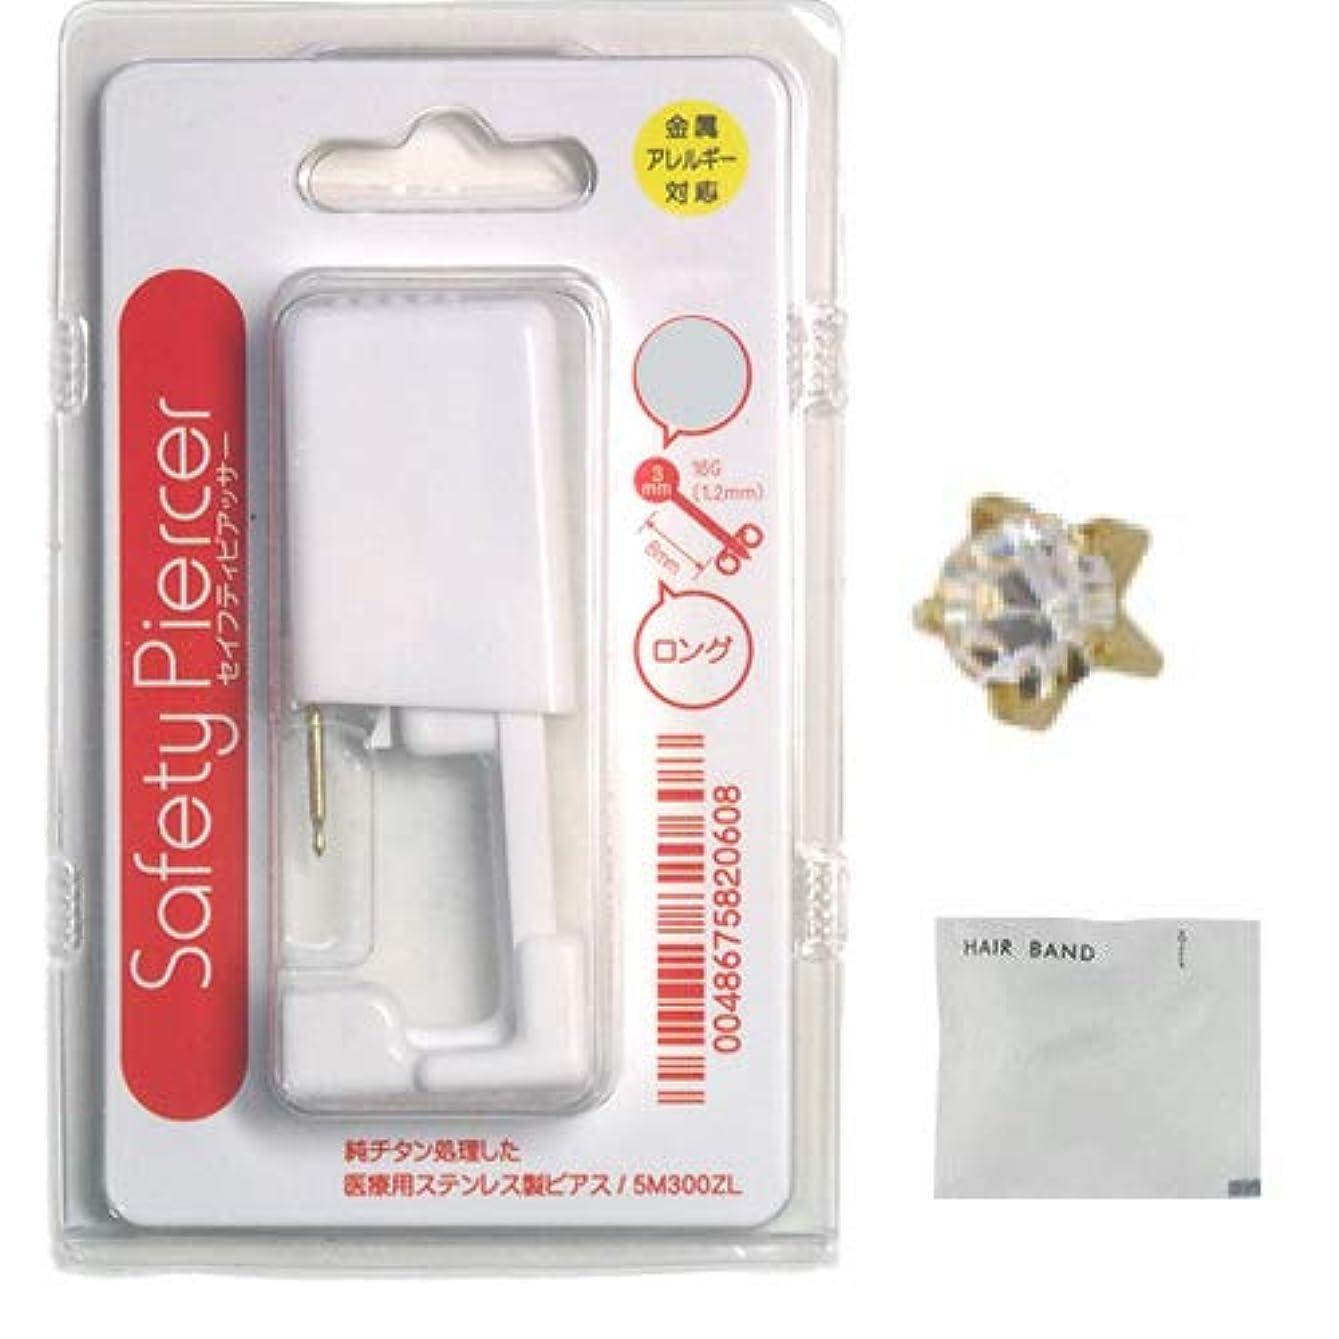 挨拶ステレオサイレントセイフティピアッサー シャンパンゴールド チタンロングタイプ(片耳用) 5M104WL 4月ダイヤモンド+ ヘアゴム(カラーはおまかせ)セット